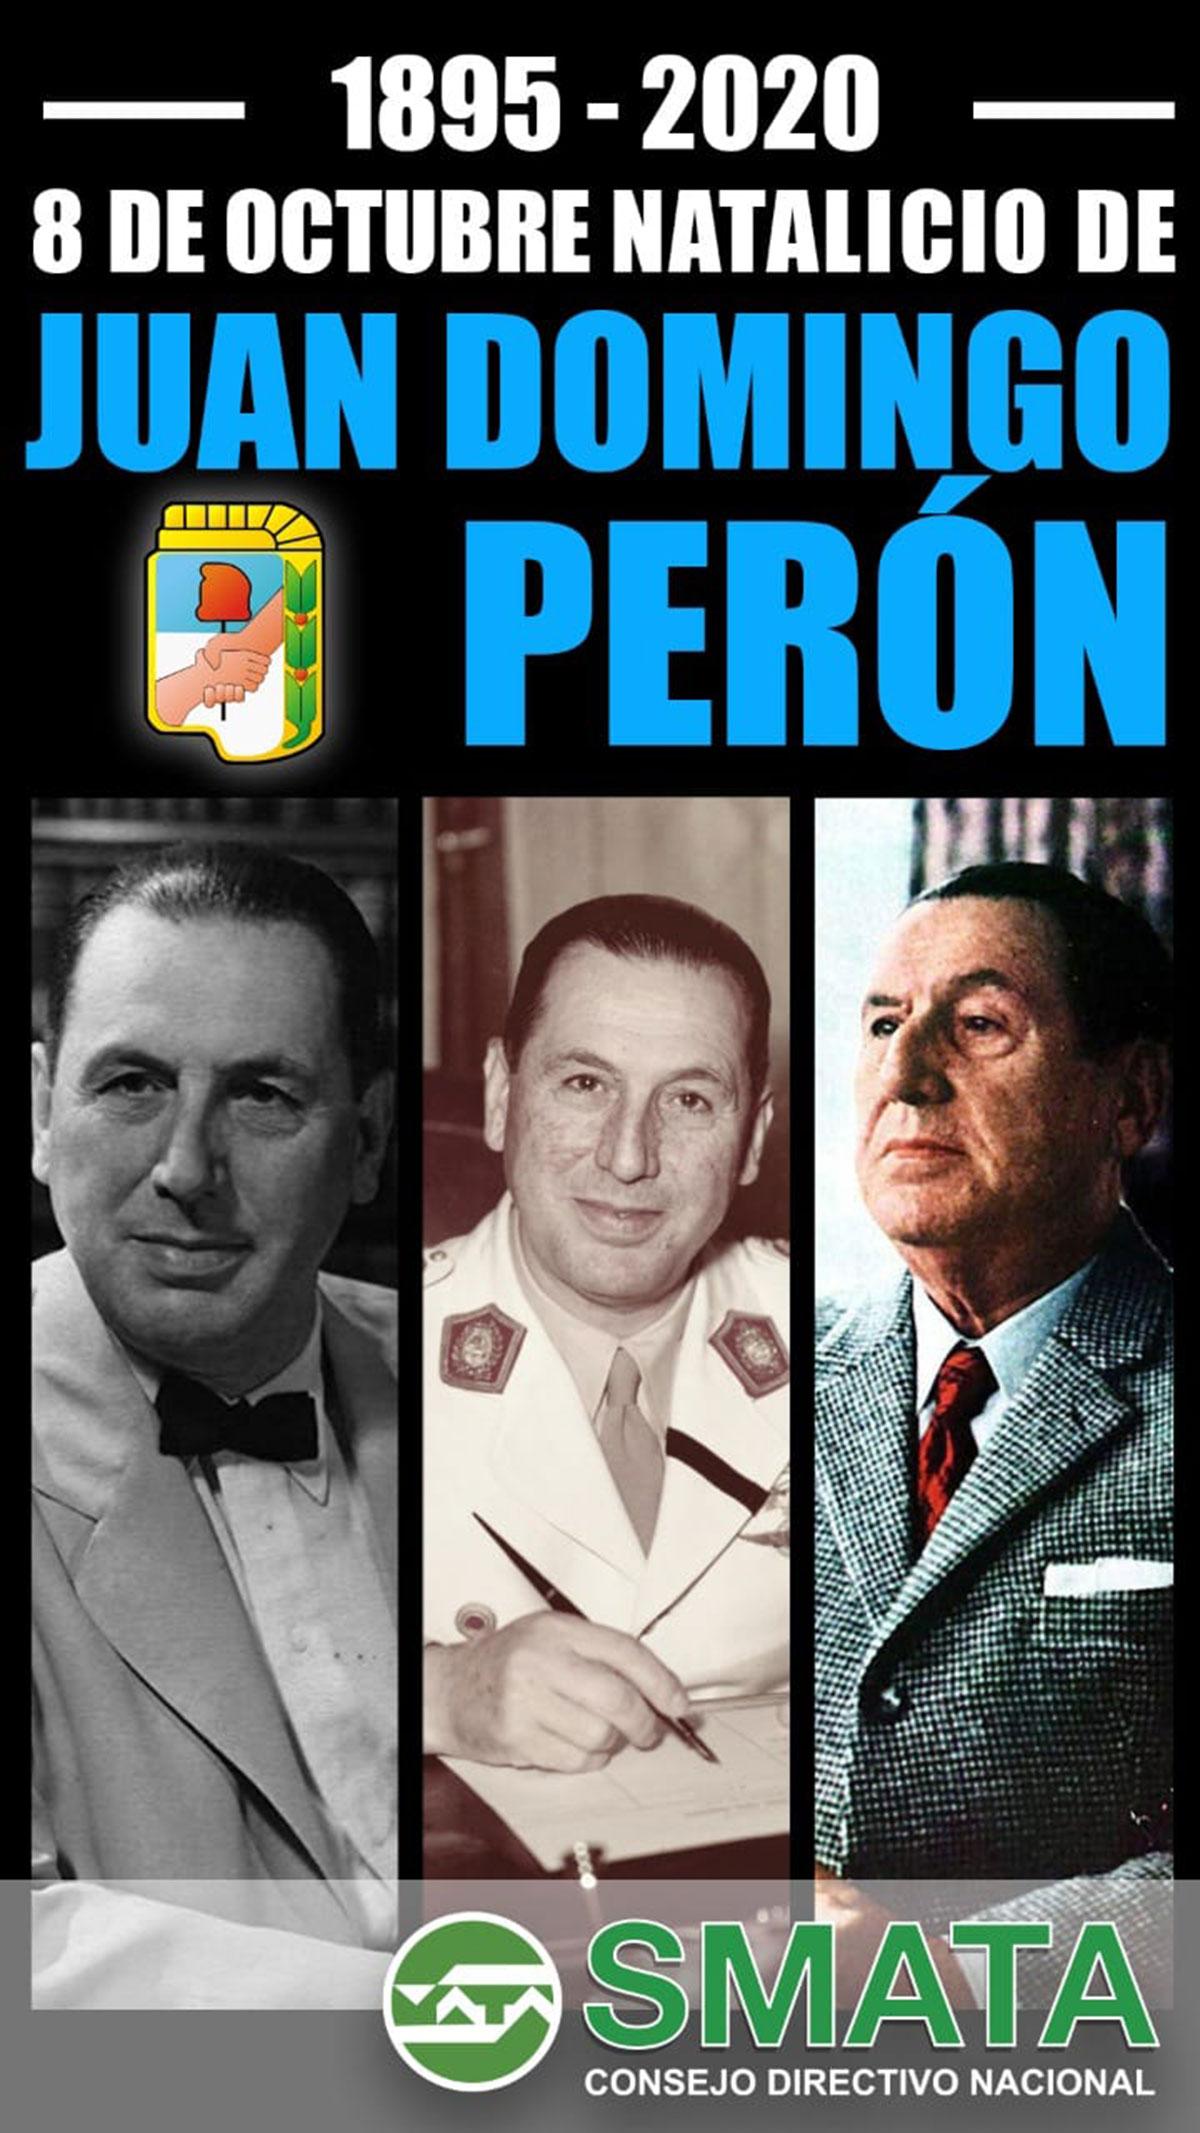 Natalicio de Juan Domingo Perón - SMATA